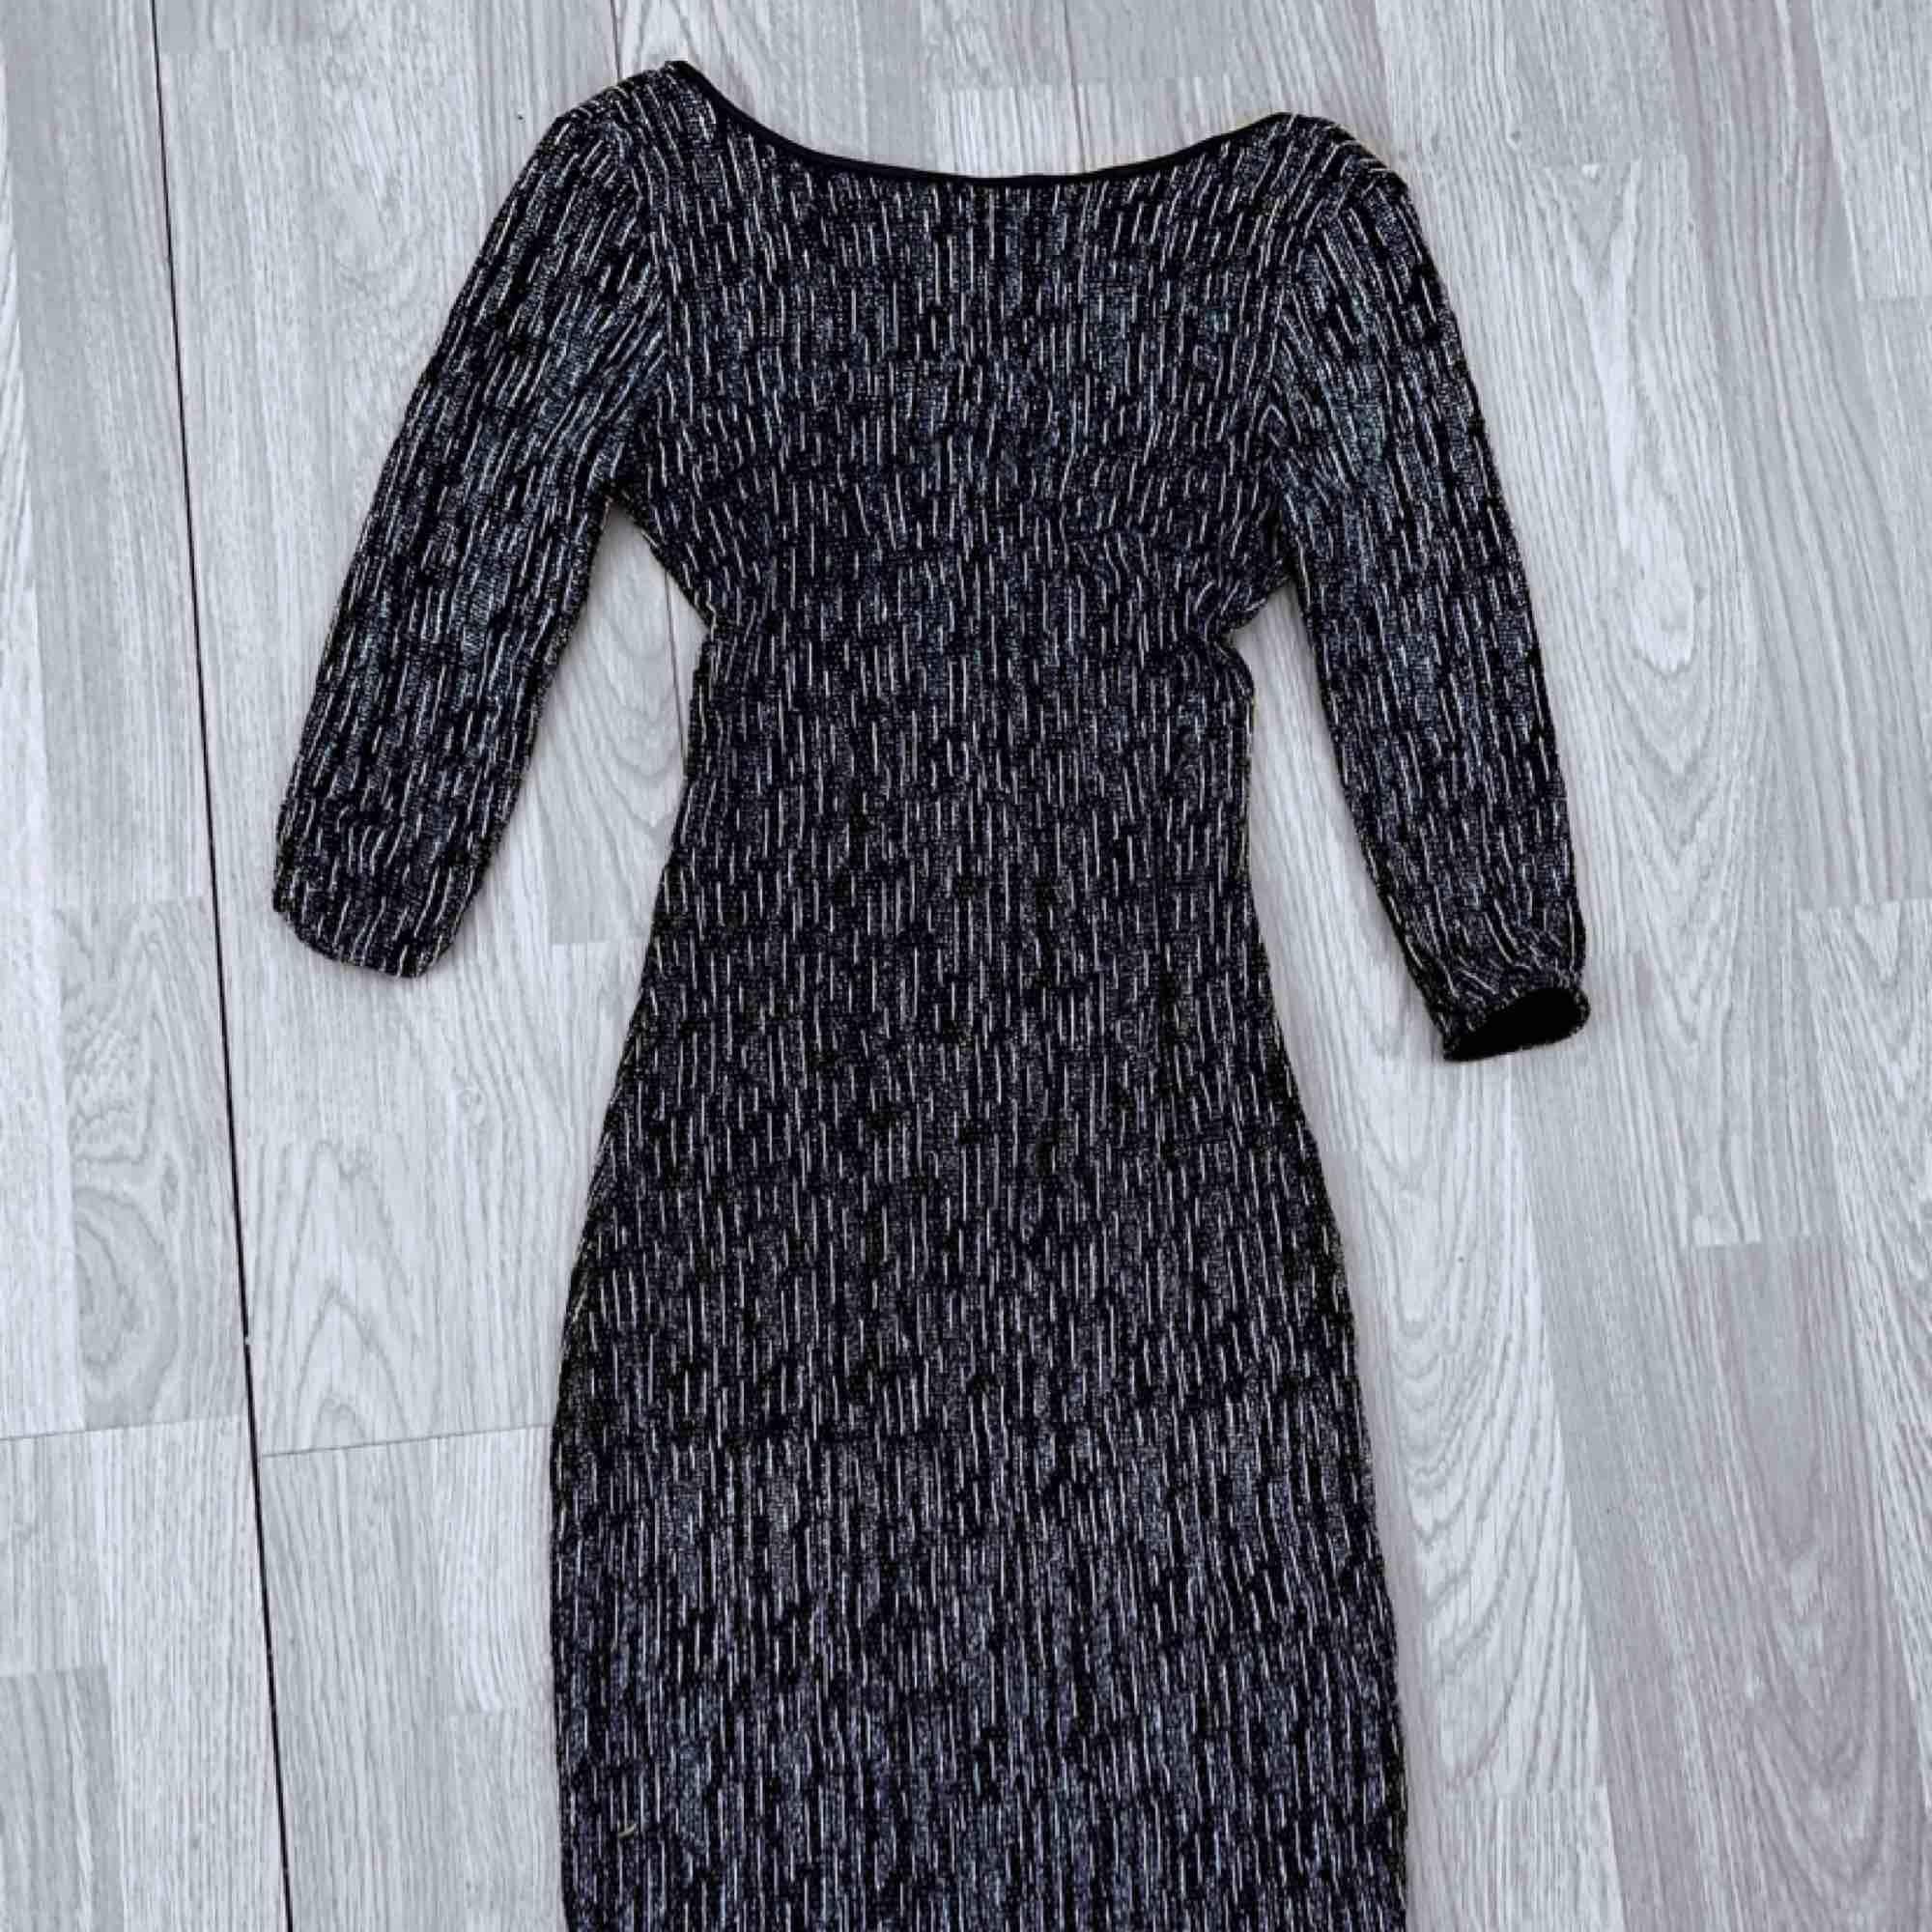 Svart knälång klänning storlek 36 från New Look. Fint skick.  Möts upp i Stockholm eller fraktar. Frakt kostar 42kr extra, postar med videobevis/bildbevis. Jag garanterar en snabb pålitlig affär!✨. Klänningar.